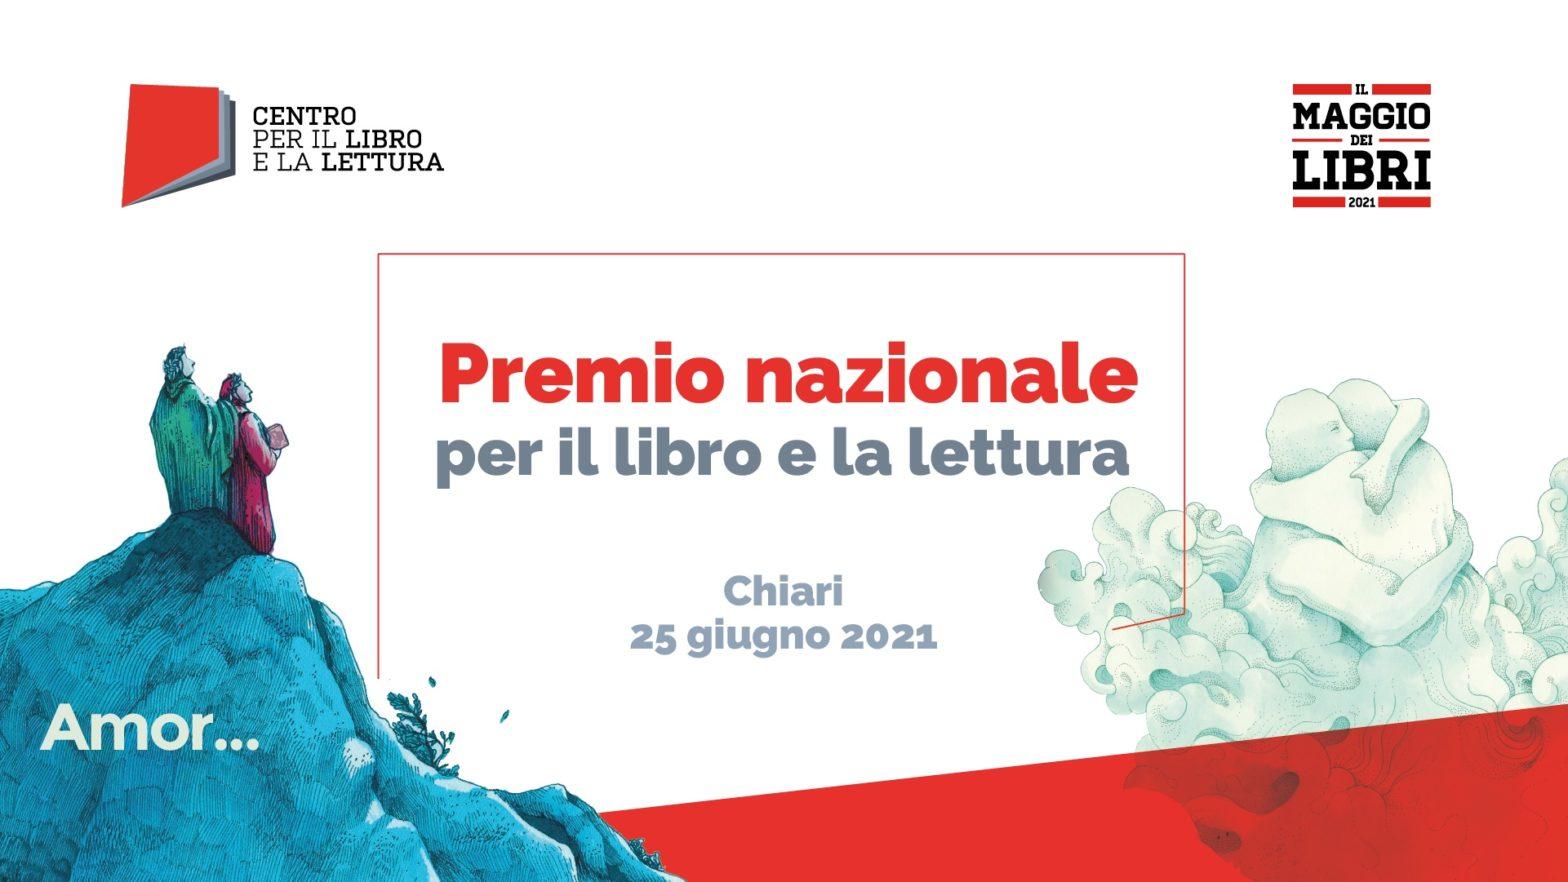 Premio nazionale per il libro e la lettura: a Chiari la cerimonia di premiazione